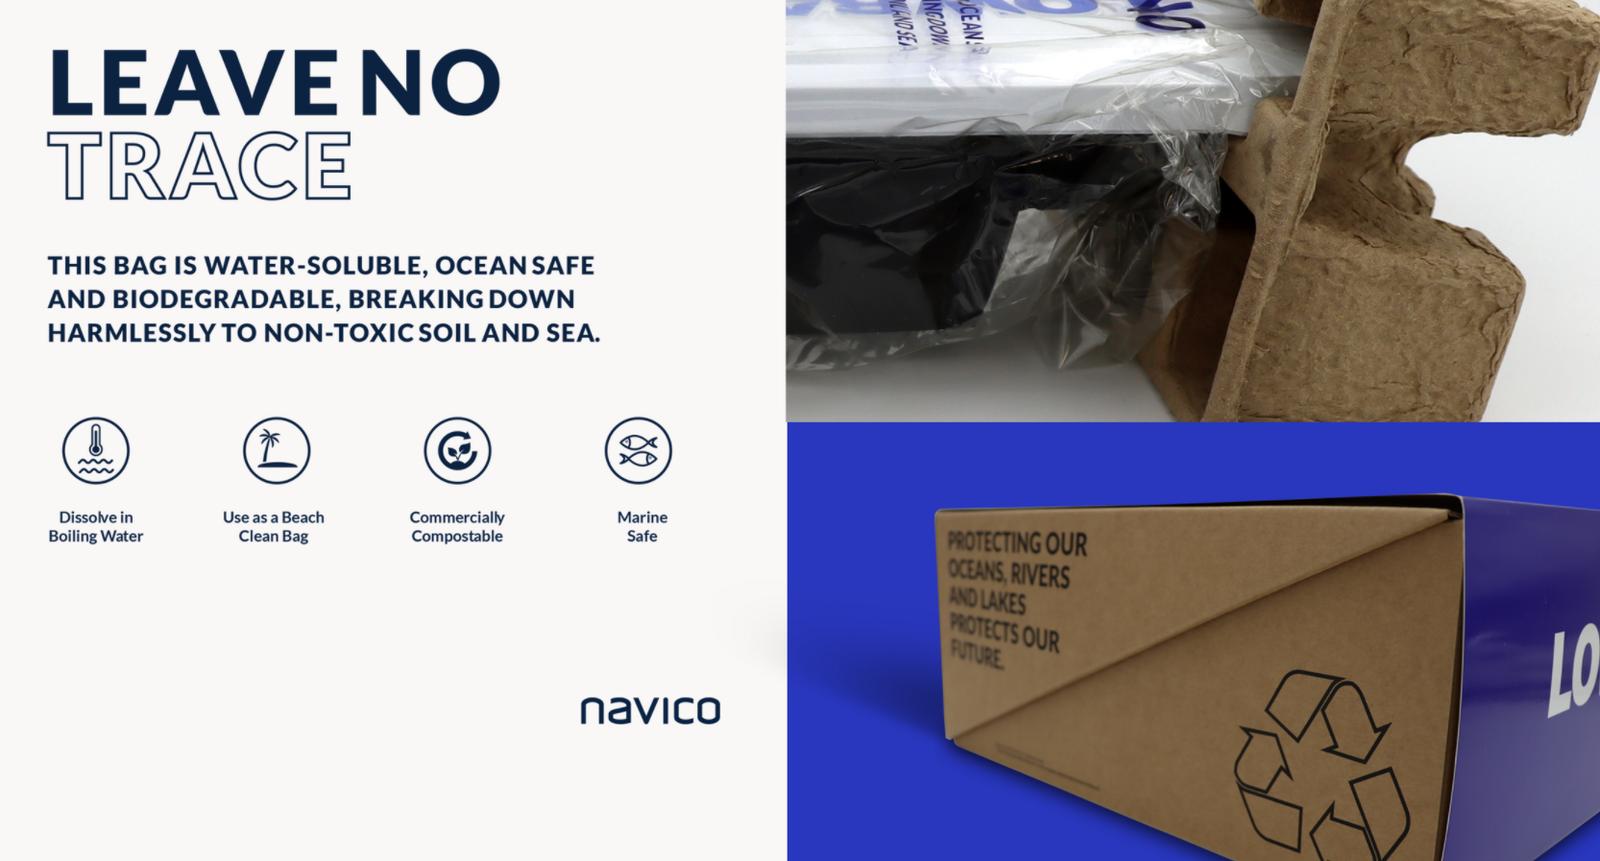 Navico innove dans des emballages 100 % biodégadables